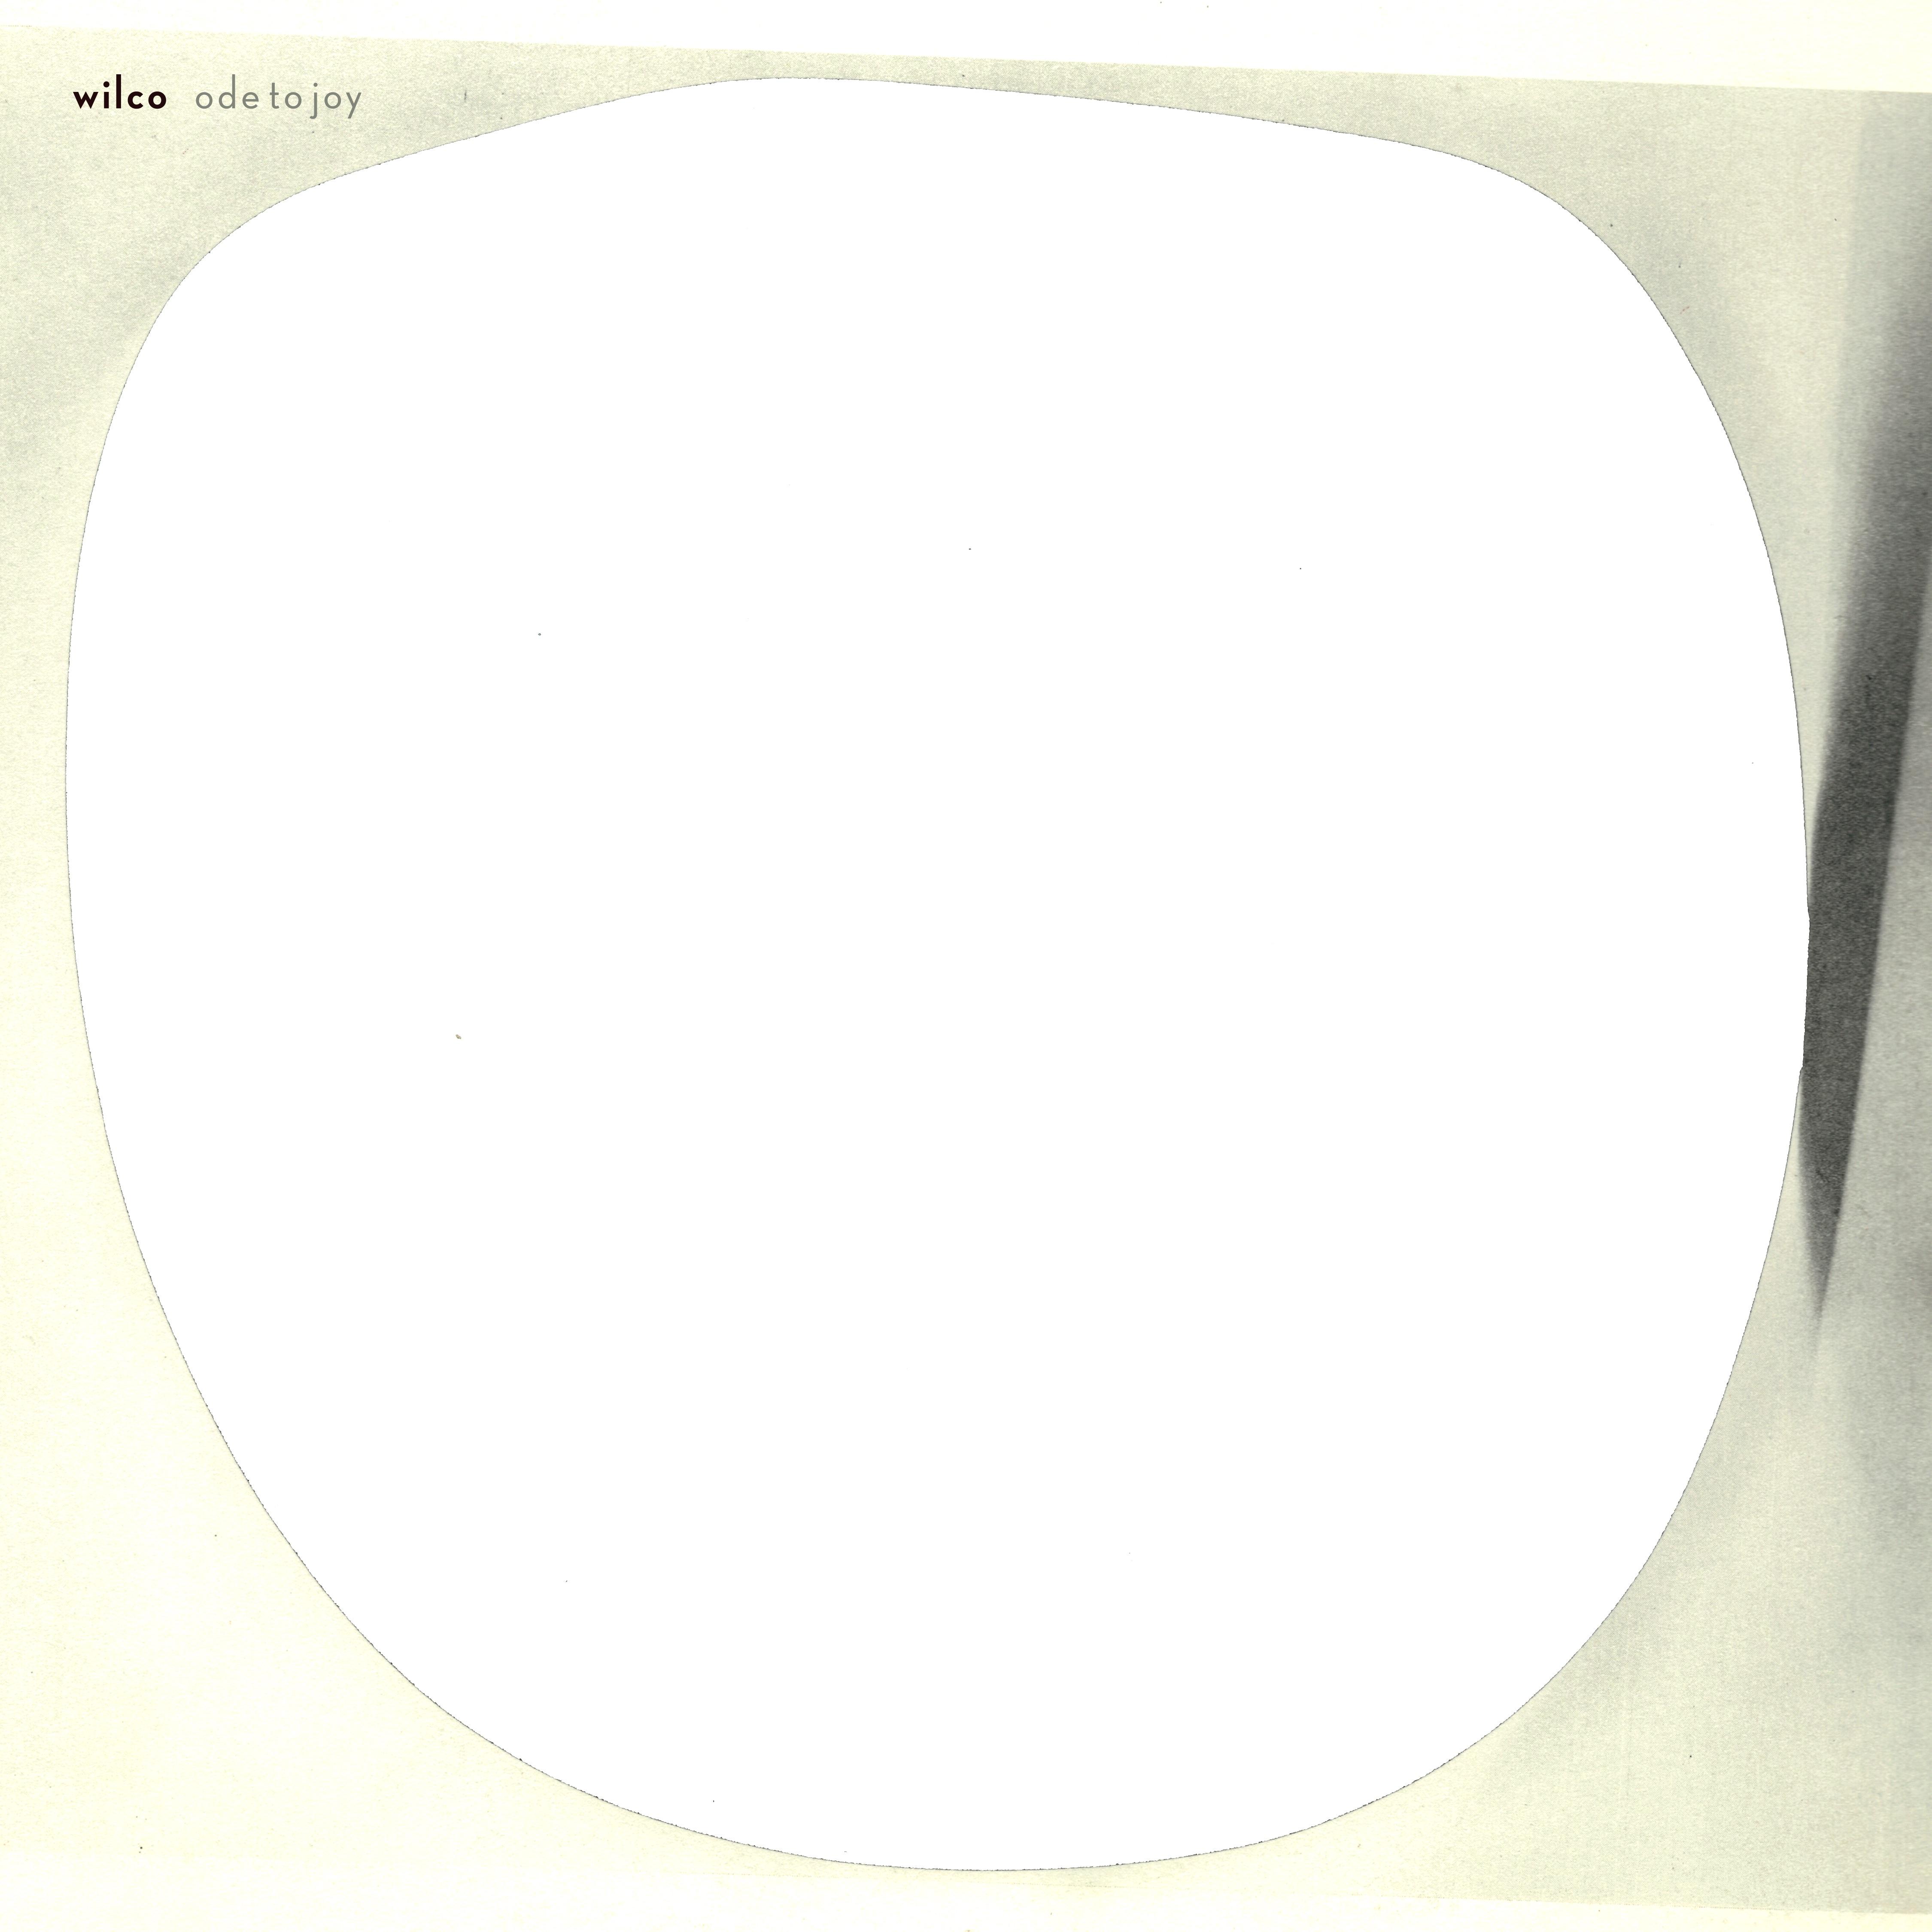 Wilco - Ode to Joy Album Artwork